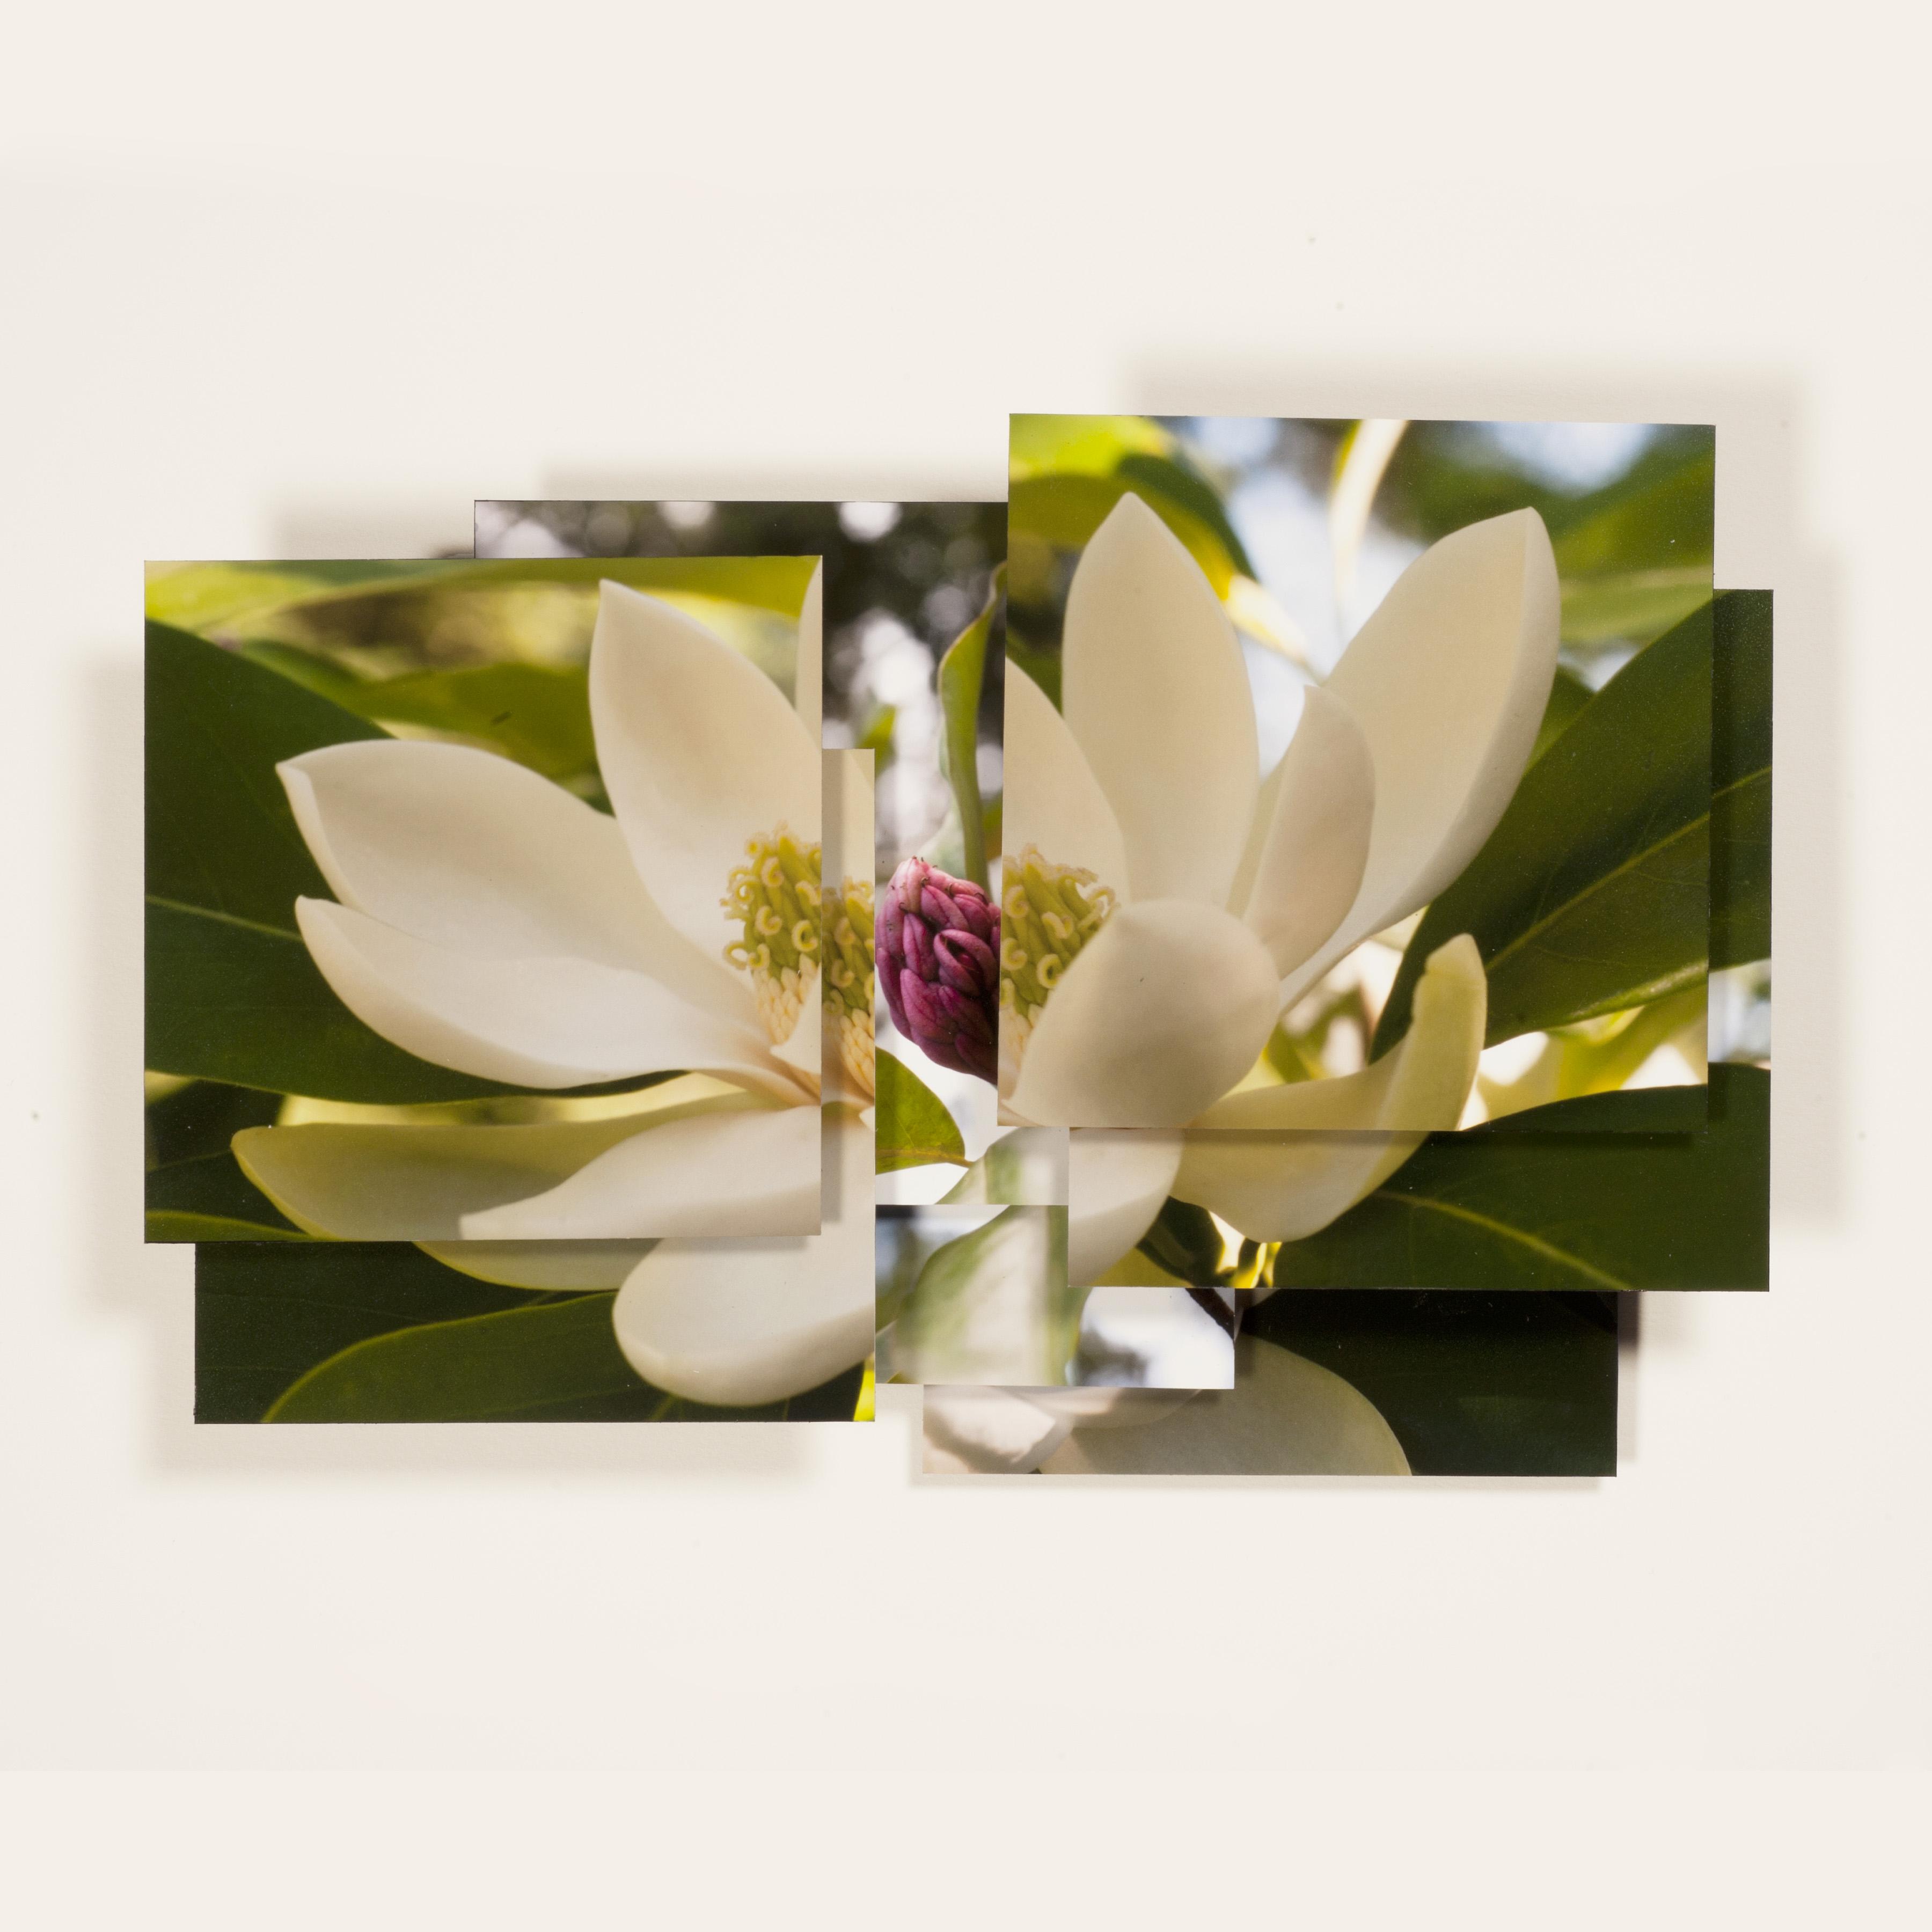 Magnolia Series - 7